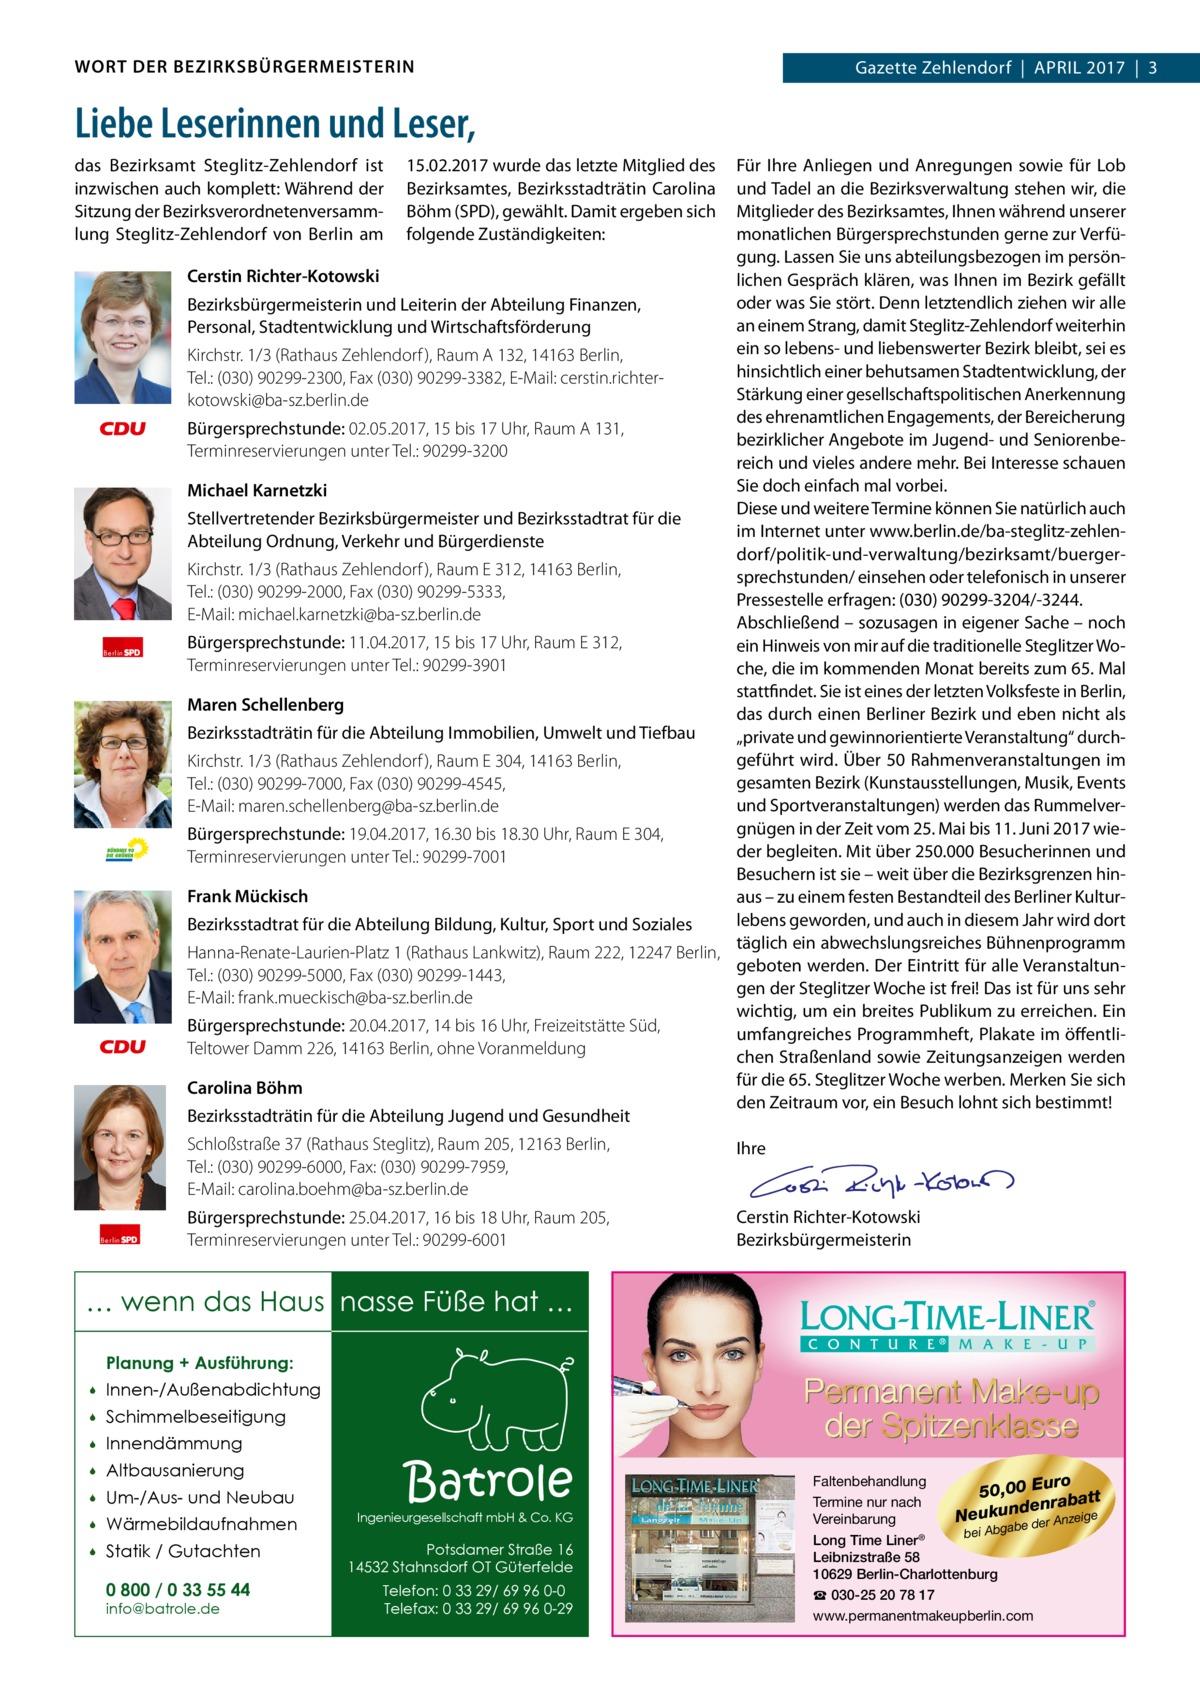 WORT DER BEZIRKSBÜRGERMEISTERIN  Gazette Zehlendorf April 2017 3  Liebe Leserinnen und Leser, das Bezirksamt Steglitz-Zehlendorf ist inzwischen auch komplett: Während der Sitzung der Bezirksverordnetenversammlung Steglitz-Zehlendorf von Berlin am  Berlin  Berlin  15.02.2017 wurde das letzte Mitglied des Bezirksamtes, Bezirksstadträtin Carolina Böhm (SPD), gewählt. Damit ergeben sich folgende Zuständigkeiten:  Für Ihre Anliegen und Anregungen sowie für Lob und Tadel an die Bezirksverwaltung stehen wir, die Mitglieder des Bezirksamtes, Ihnen während unserer monatlichen Bürgersprechstunden gerne zur Verfügung. Lassen Sie uns abteilungsbezogen im persönCerstin Richter-Kotowski lichen Gespräch klären, was Ihnen im Bezirk gefällt oder was Sie stört. Denn letztendlich ziehen wir alle Bezirksbürgermeisterin und Leiterin der Abteilung Finanzen, an einem Strang, damit Steglitz-Zehlendorf weiterhin Personal, Stadtentwicklung und Wirtschaftsförderung ein so lebens- und liebenswerter Bezirk bleibt, sei es Kirchstr.1/3 (Rathaus Zehlendorf ), RaumA132, 14163Berlin, hinsichtlich einer behutsamen Stadtentwicklung, der Tel.:(030)90299-2300, Fax (030) 90299-3382, E-Mail: cerstin.richterStärkung einer gesellschaftspolitischen Anerkennung kotowski@ba-sz.berlin.de des ehrenamtlichen Engagements, der Bereicherung Bürgersprechstunde: 02.05.2017, 15 bis 17Uhr, RaumA131, bezirklicher Angebote im Jugend- und SeniorenbeTerminreservierungen unter Tel.:90299-3200 reich und vieles andere mehr. Bei Interesse schauen Sie doch einfach mal vorbei. Michael Karnetzki Diese und weitere Termine können Sie natürlich auch Stellvertretender Bezirksbürgermeister und Bezirksstadtrat für die im Internet unter www.berlin.de/ba-steglitz-zehlenAbteilung Ordnung, Verkehr und Bürgerdienste dorf/politik-und-verwaltung/bezirksamt/buergerKirchstr.1/3 (Rathaus Zehlendorf ), RaumE312, 14163Berlin, sprechstunden/ einsehen oder telefonisch in unserer Tel.: (030) 90299-2000, Fax (030) 90299-5333, Pressestelle erfragen: (03